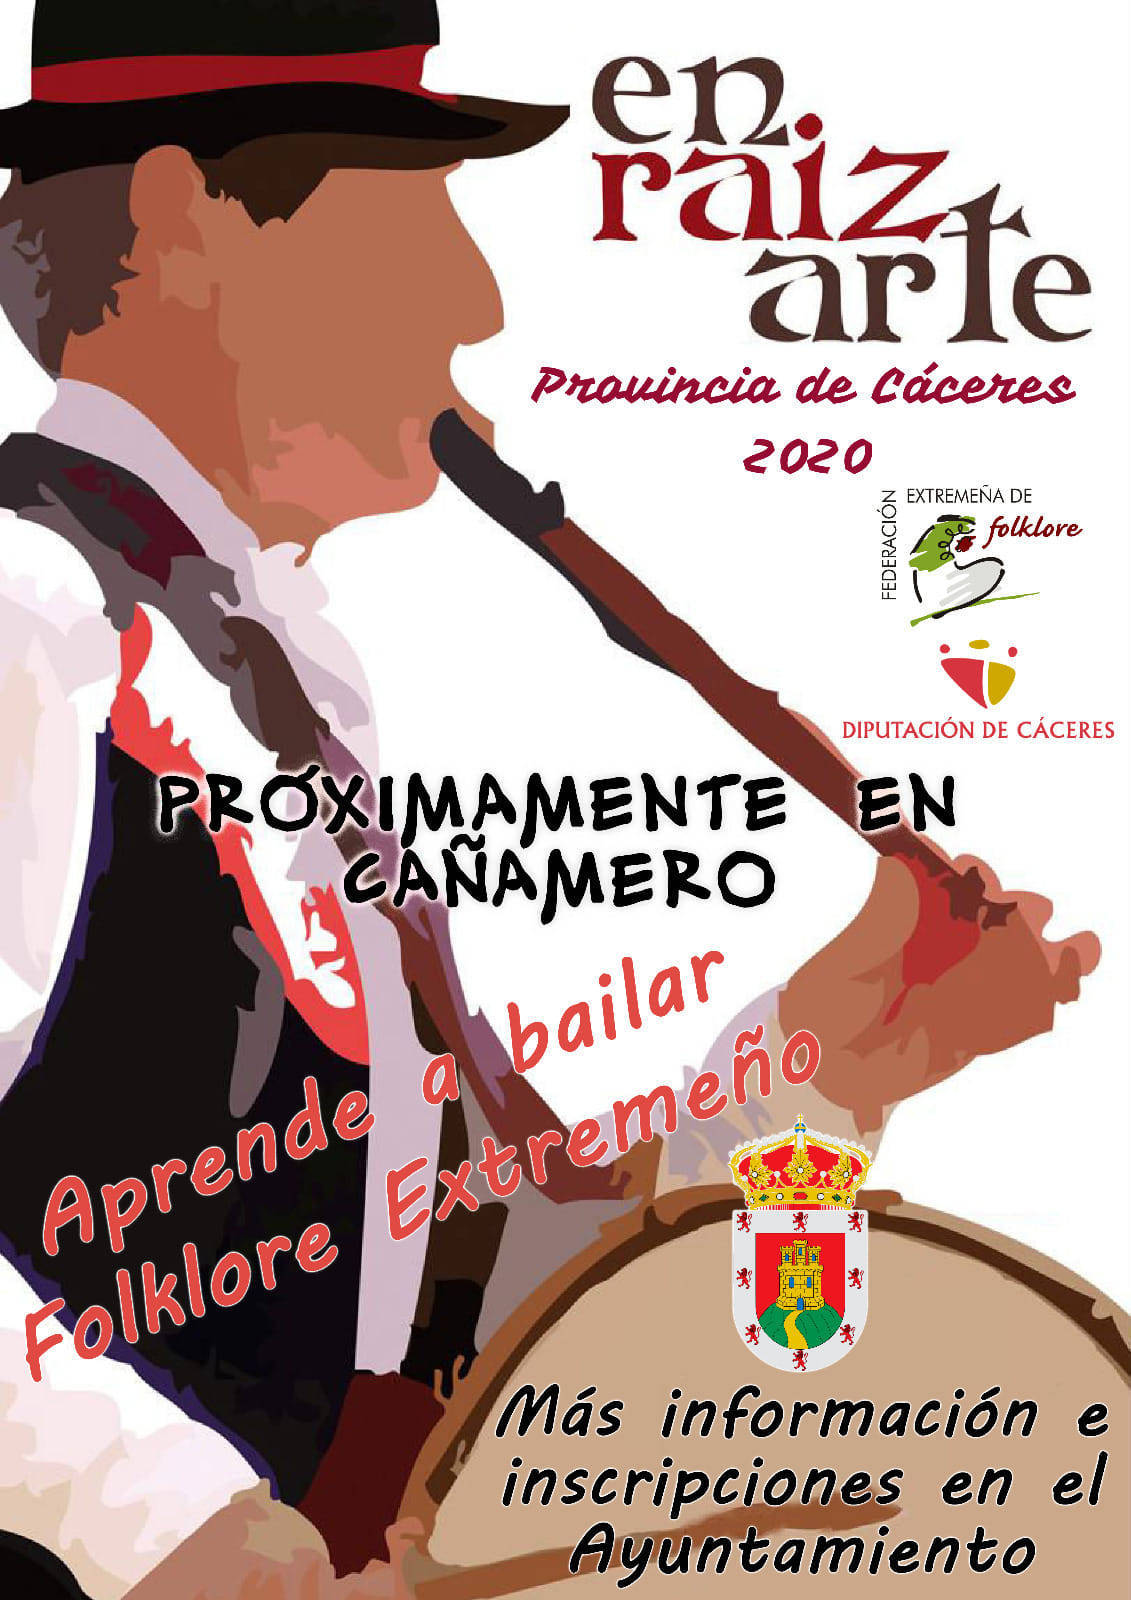 Enraizarte (2020) - Cañamero (Cáceres)